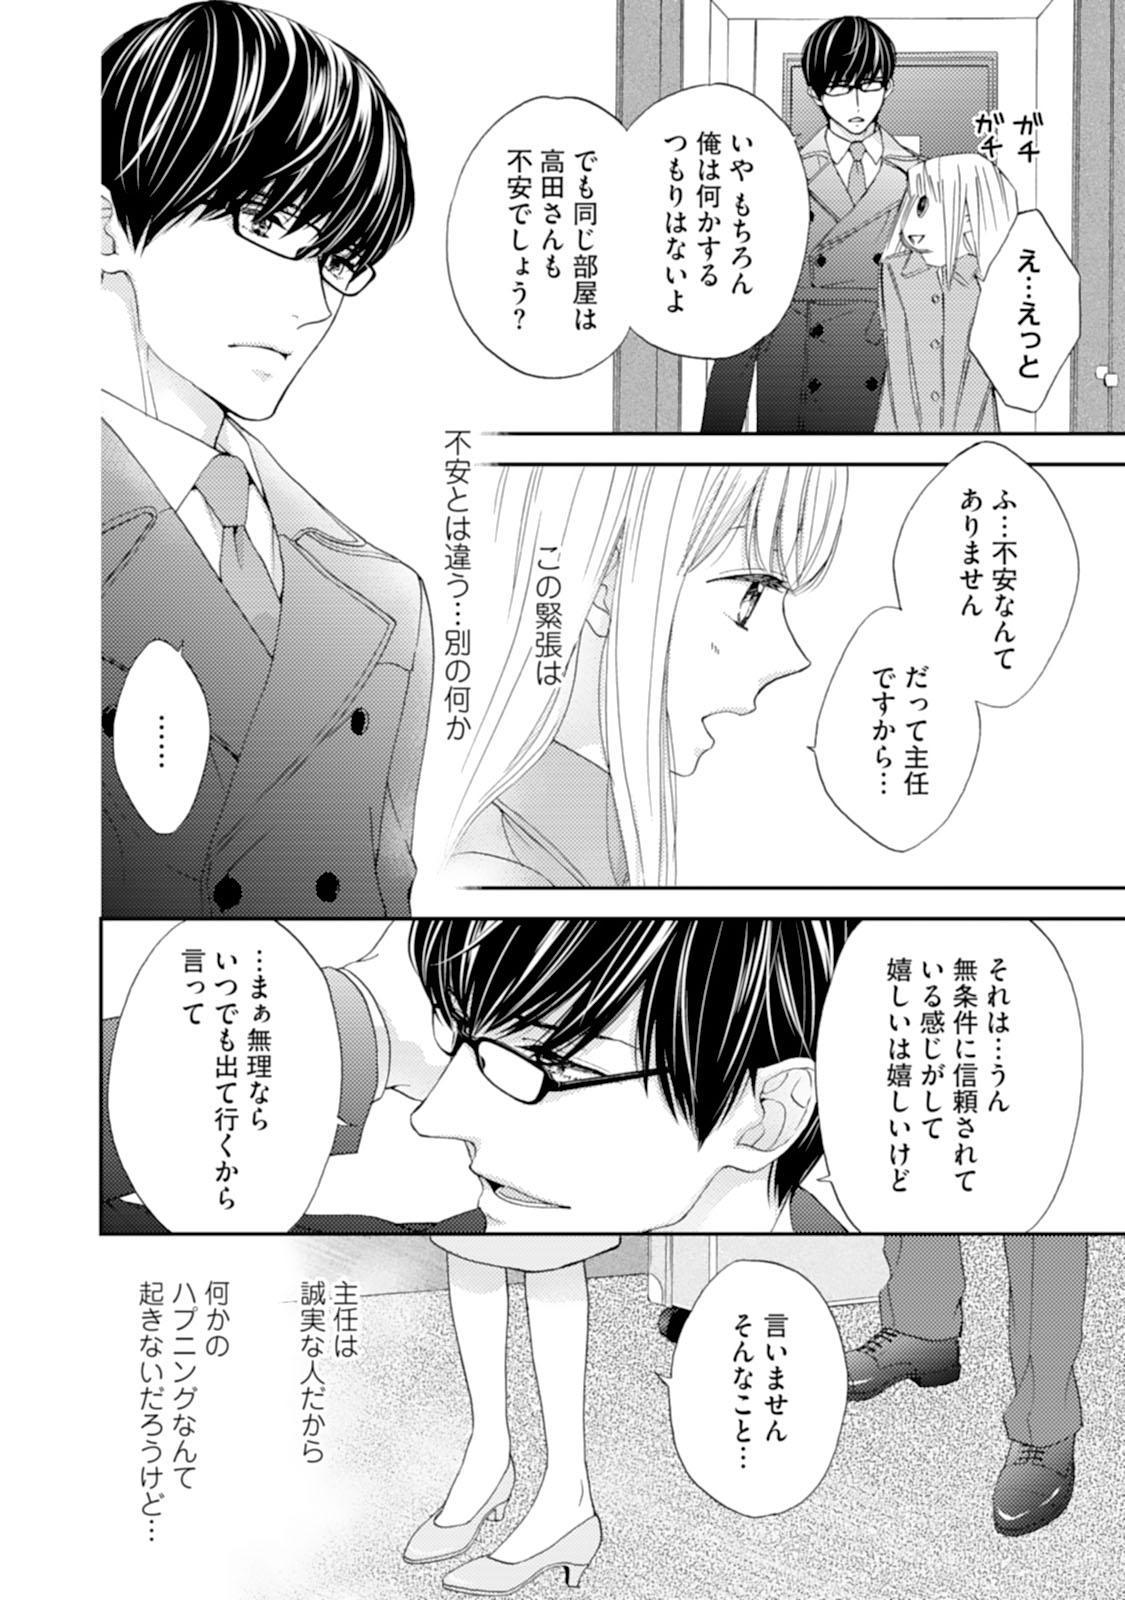 [Adumi Yuu] Choukyou-kei Danshi Ookami-sama to Koneko-chan Ch. 1-3 11